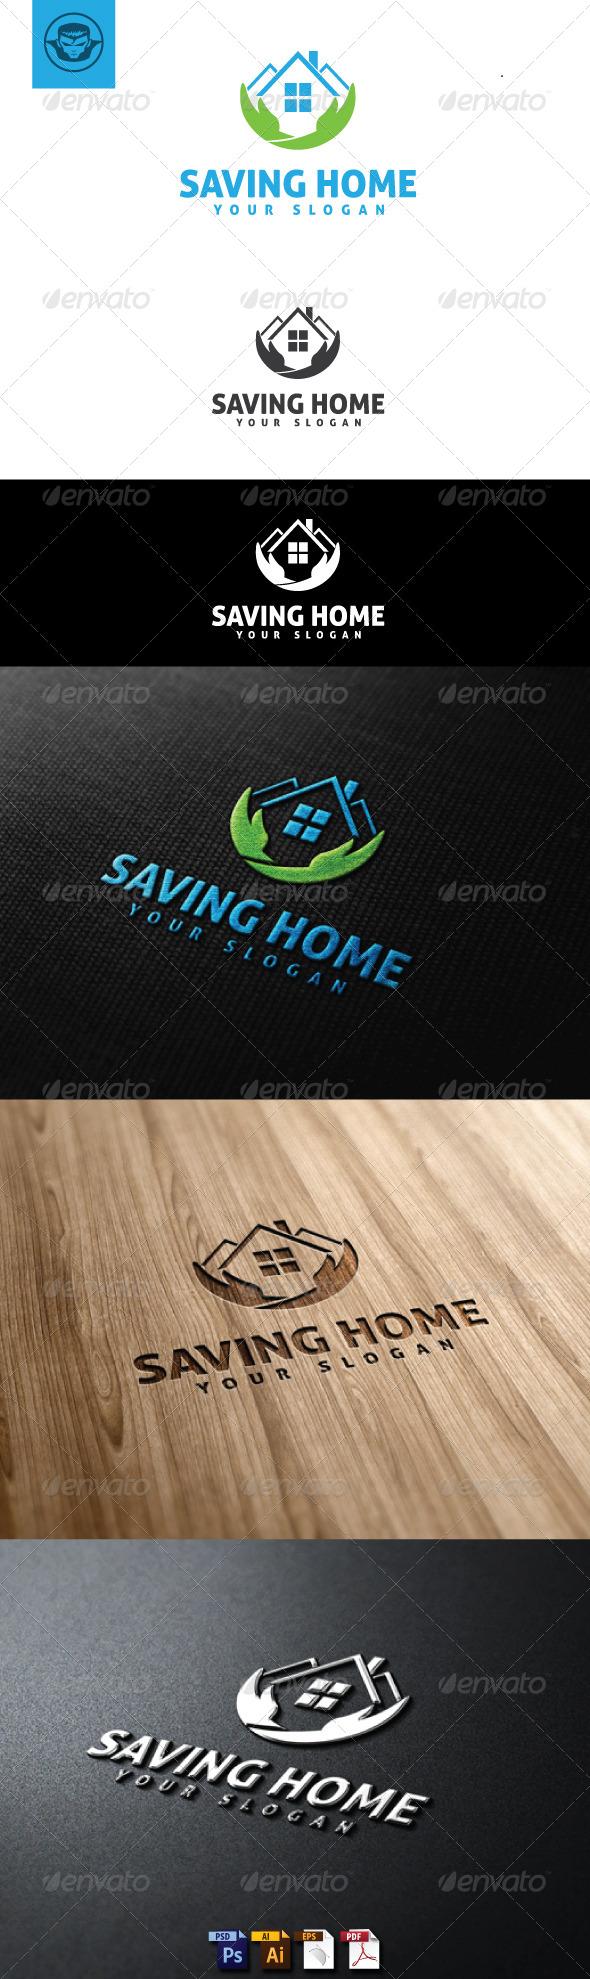 GraphicRiver Saving Home Logo Template 4933742